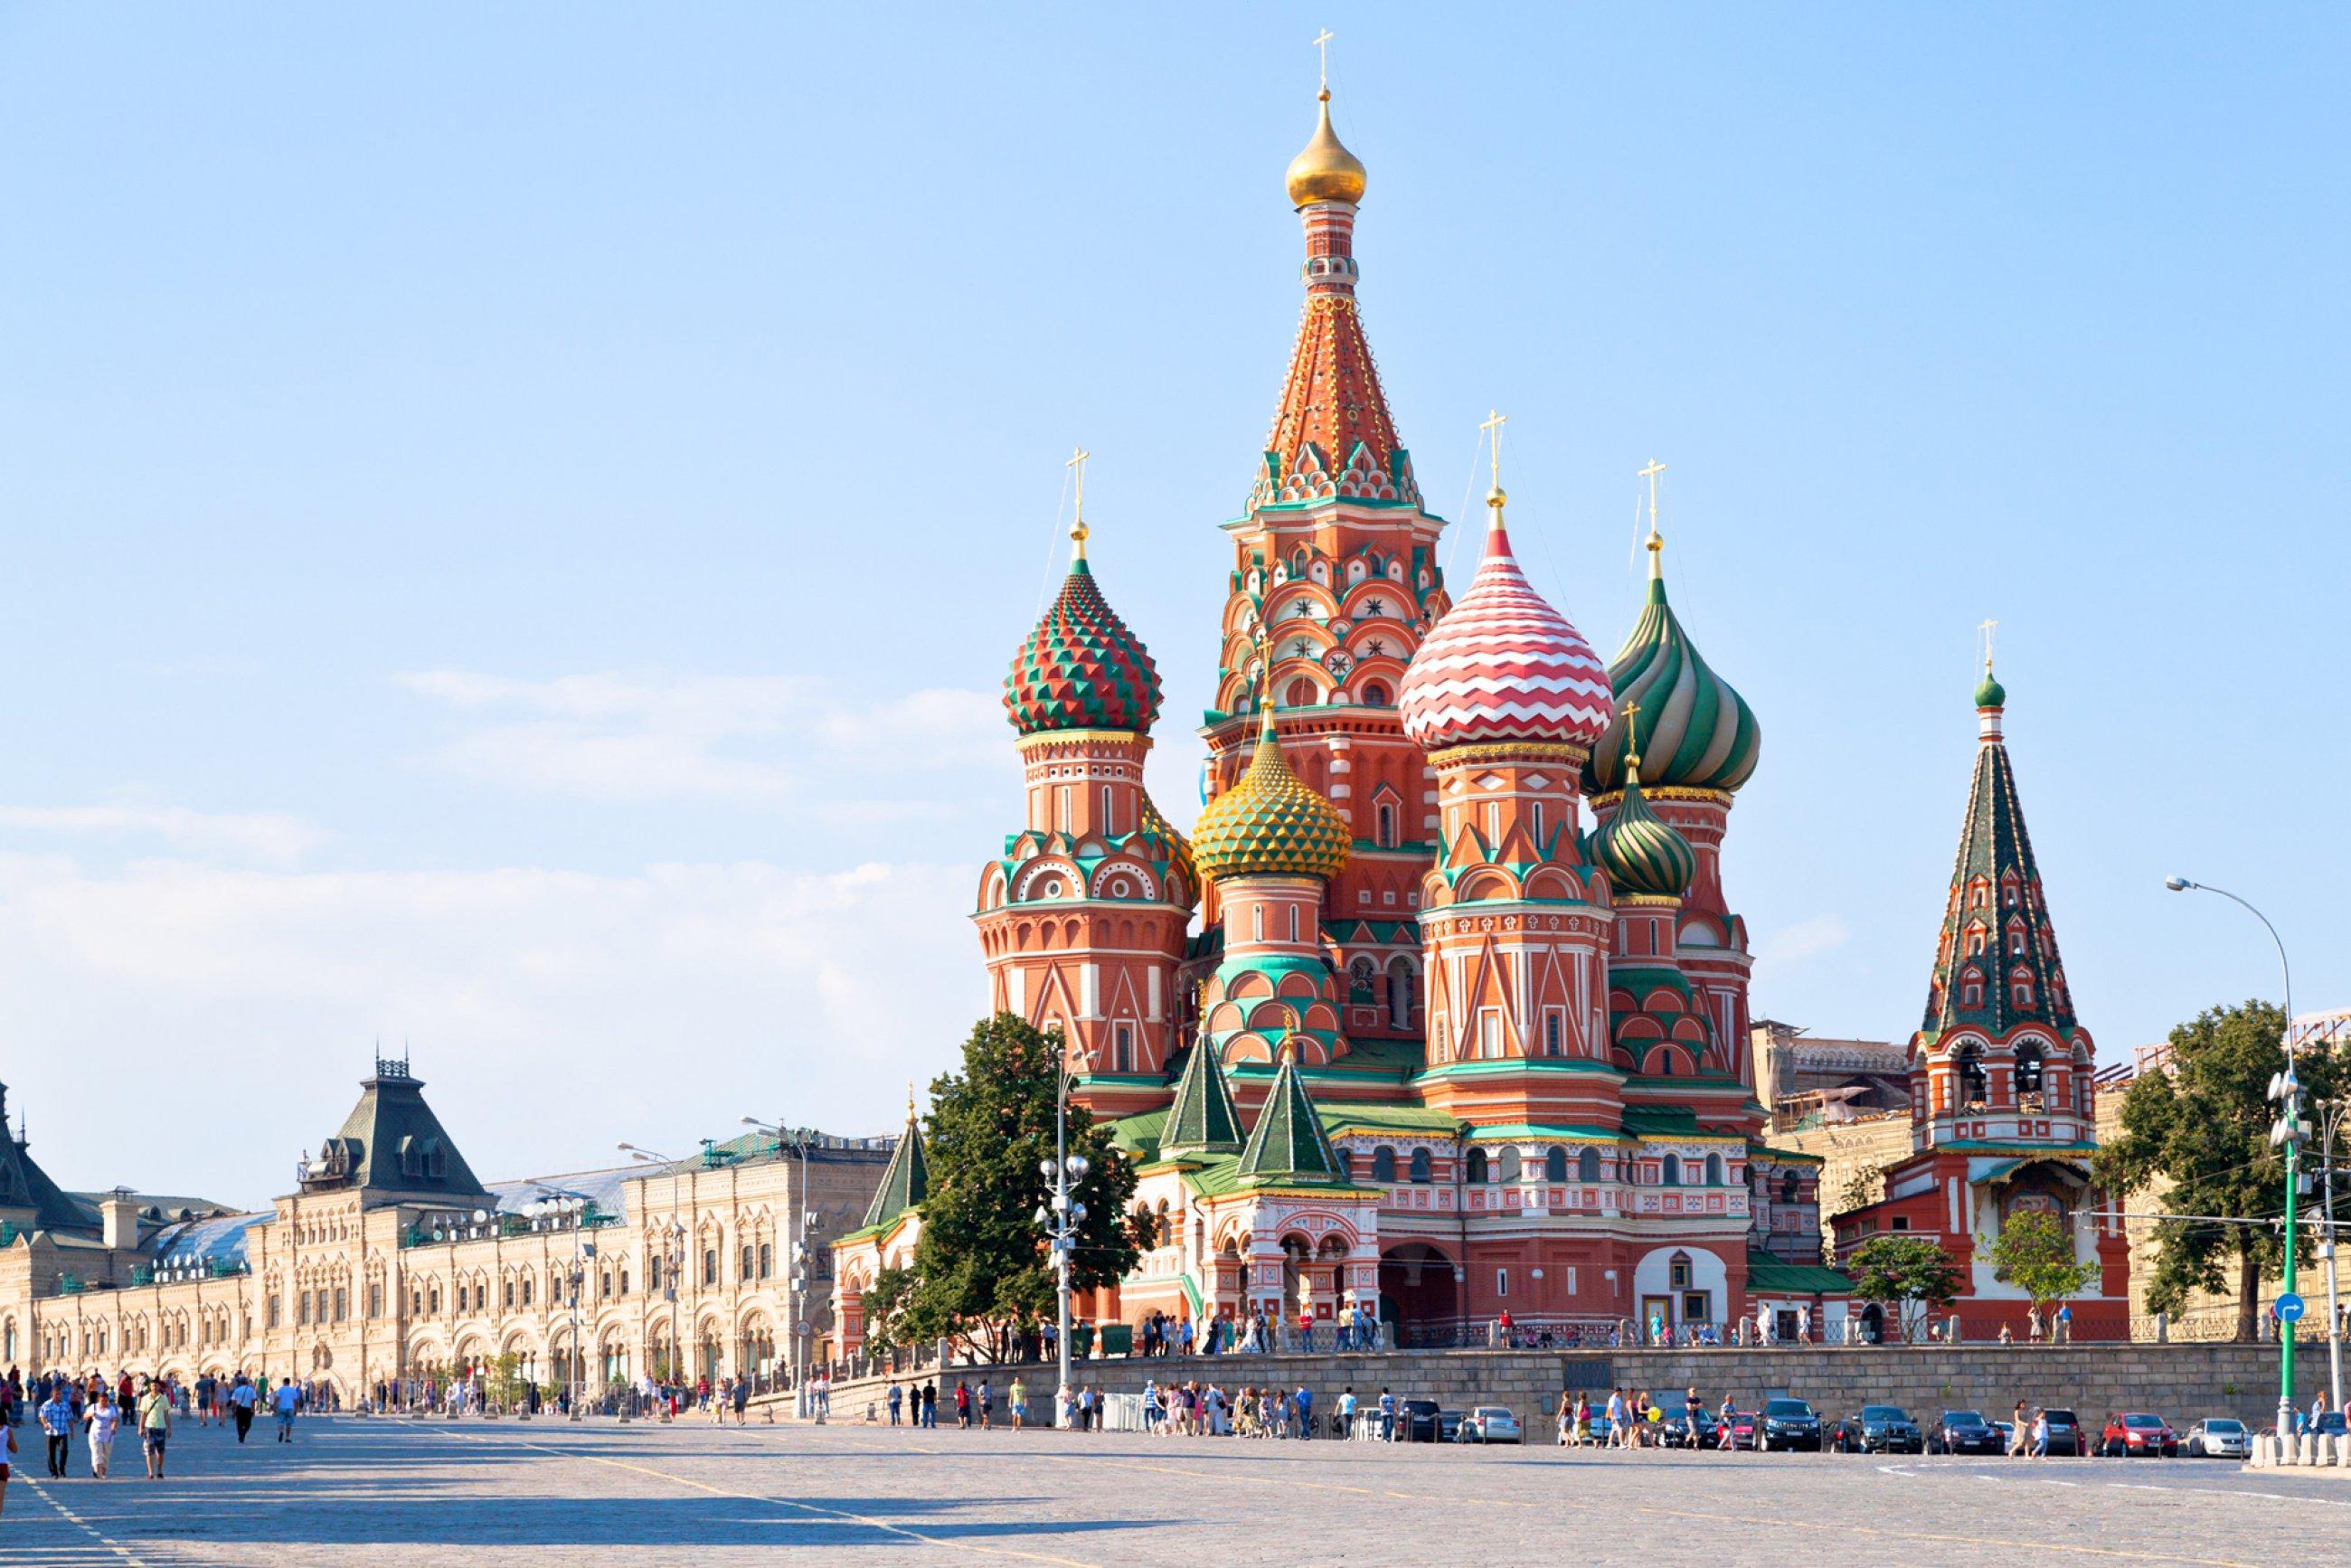 https://bubo.sk/uploads/galleries/5056/moskva-shutterstock-109024046.jpg